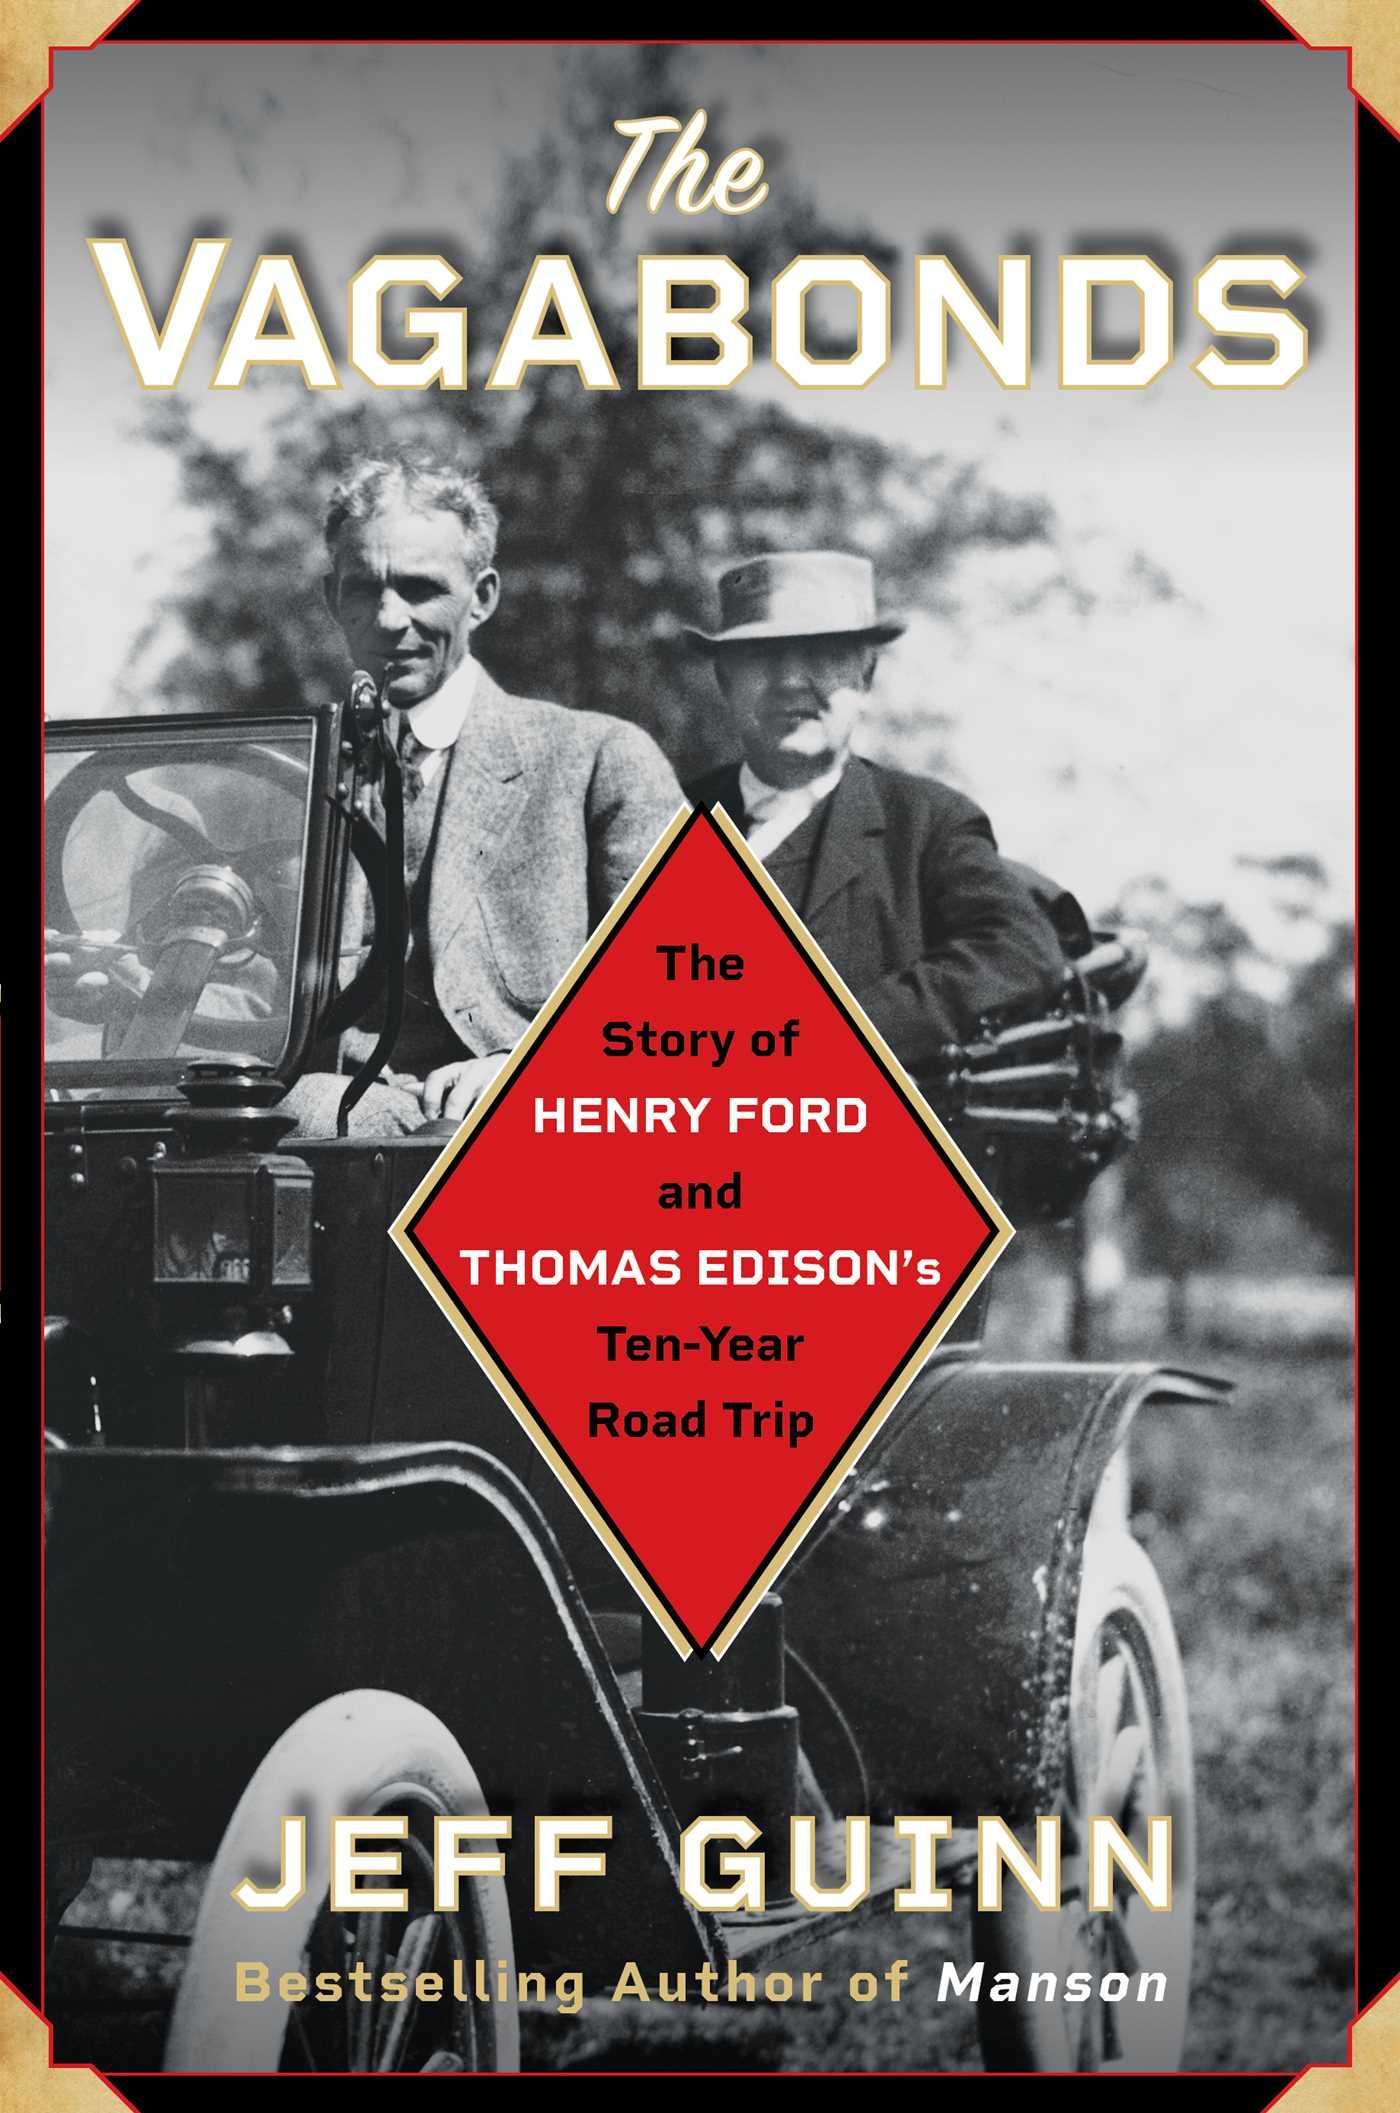 Vagabonds book cover